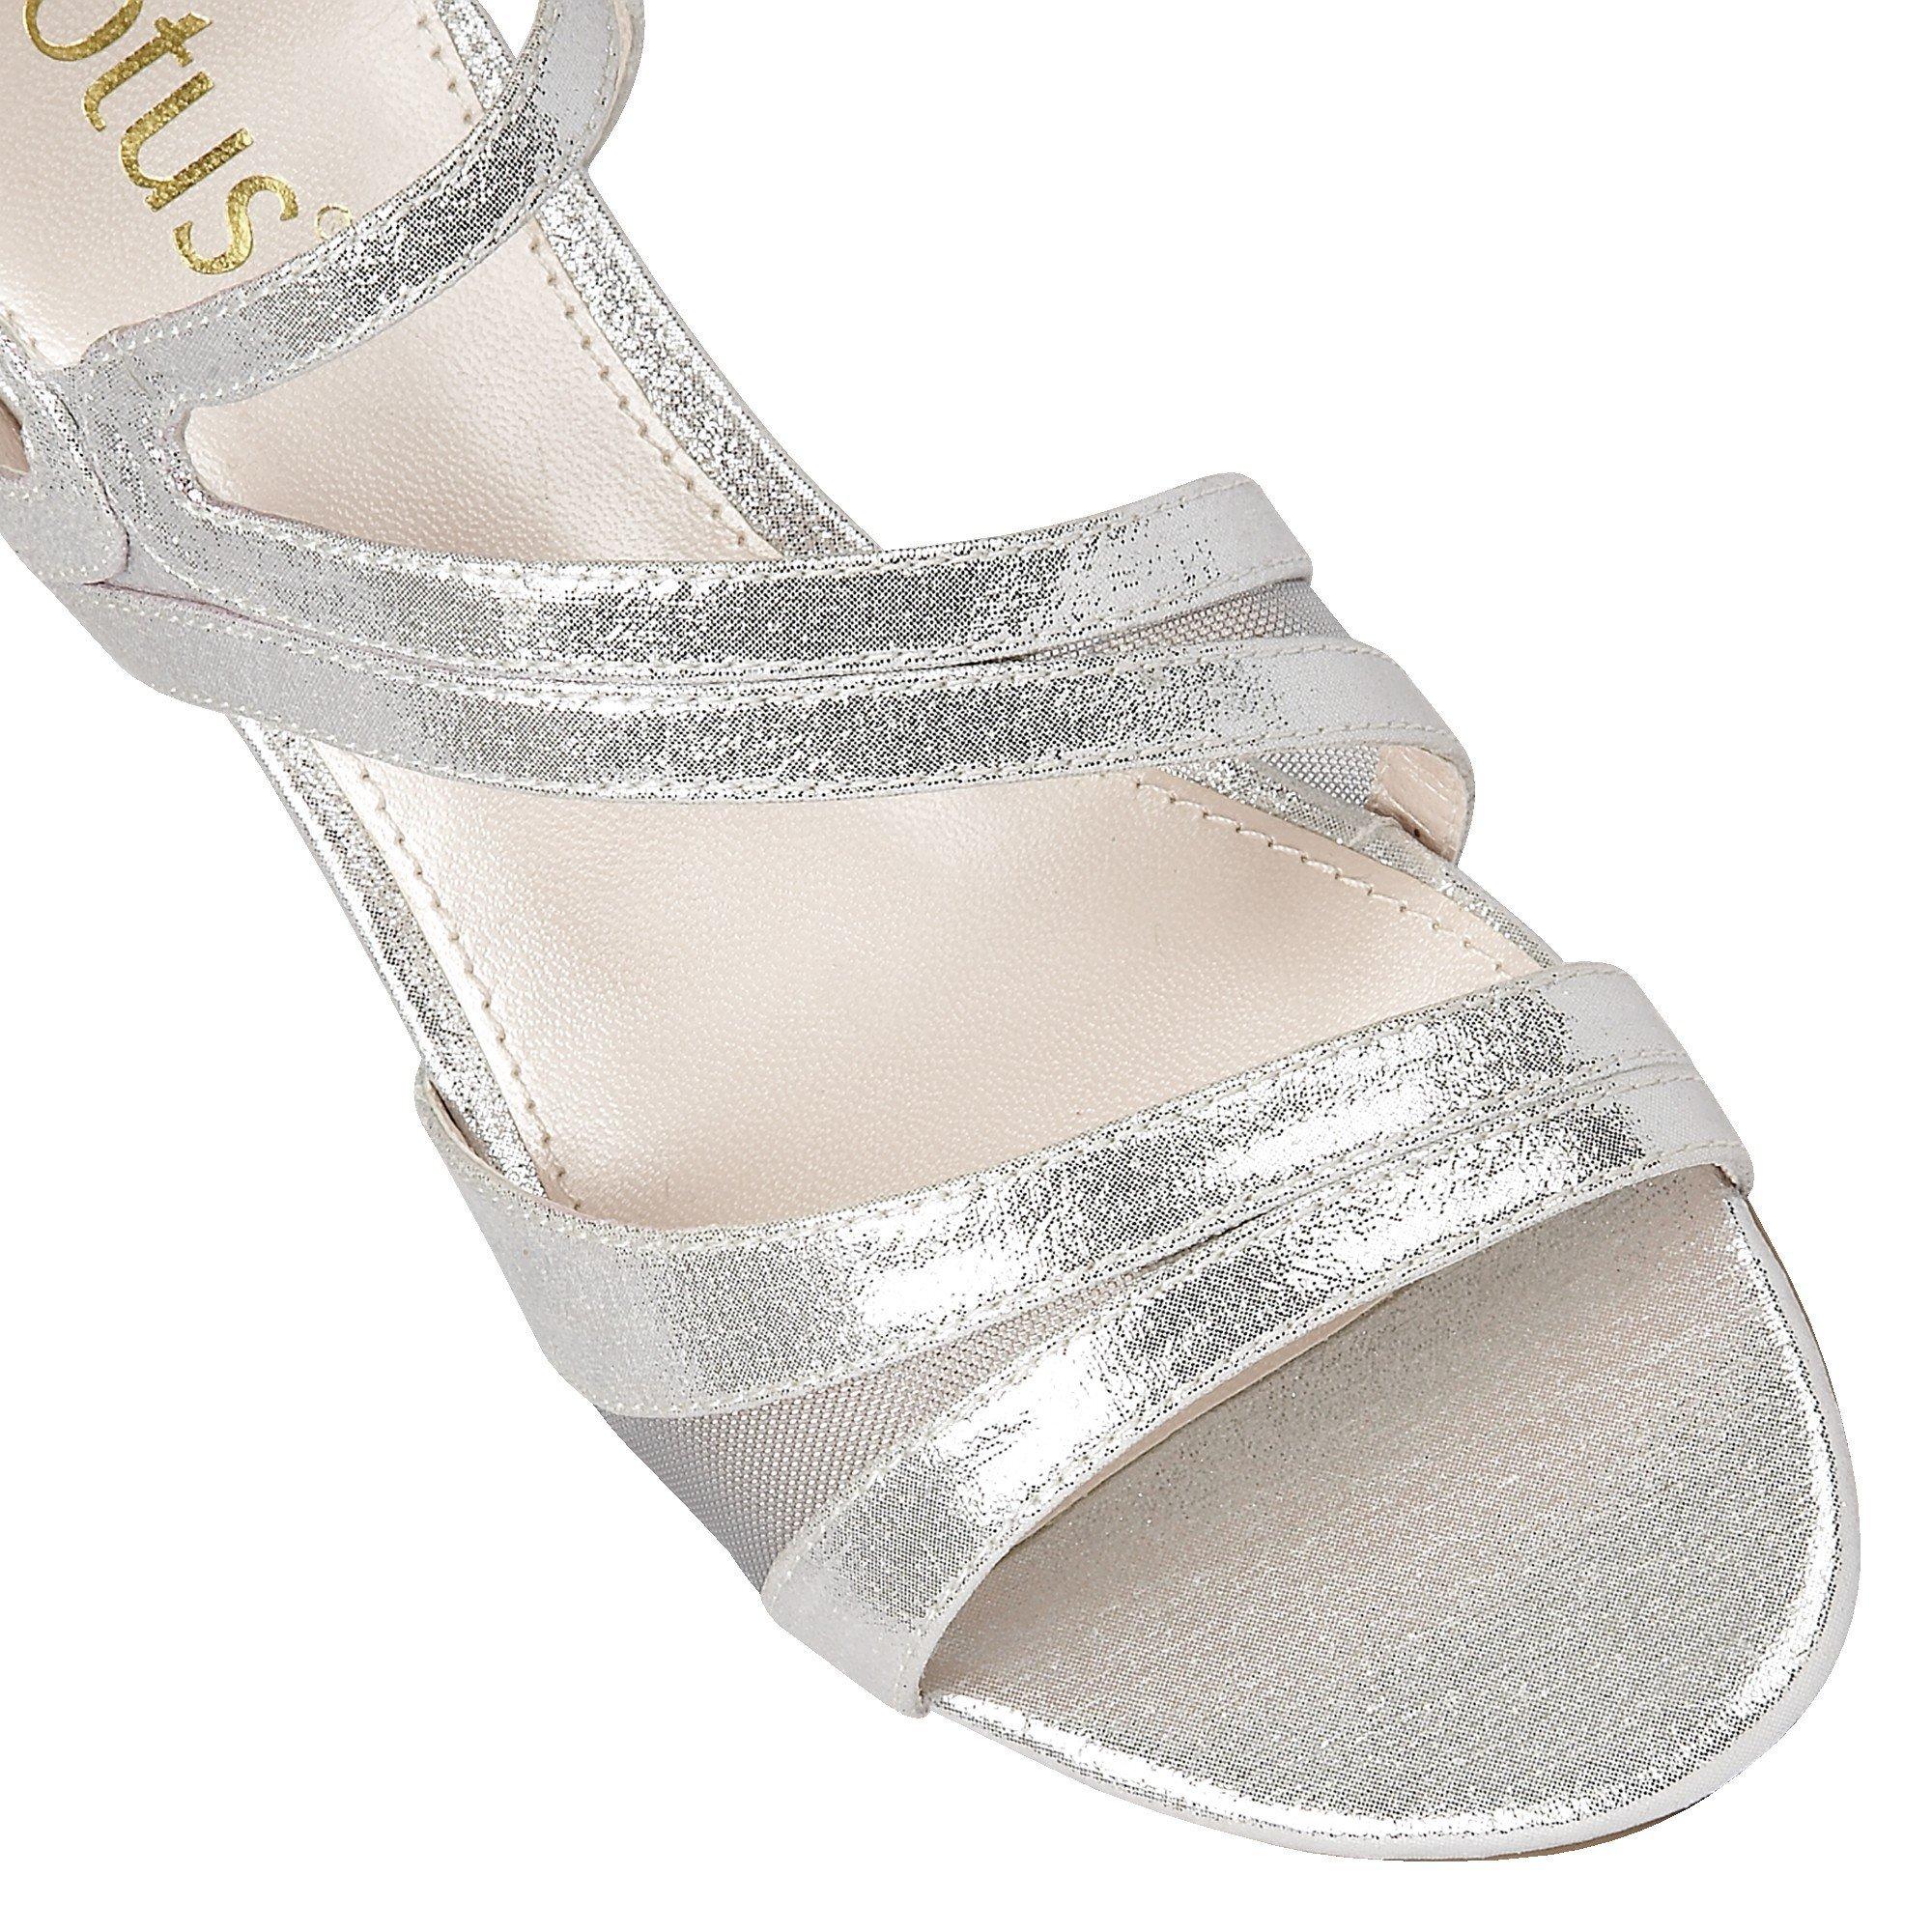 Lotus Shimmer Pumps Silver Desponia Evening Sandals wnOPvmN8y0